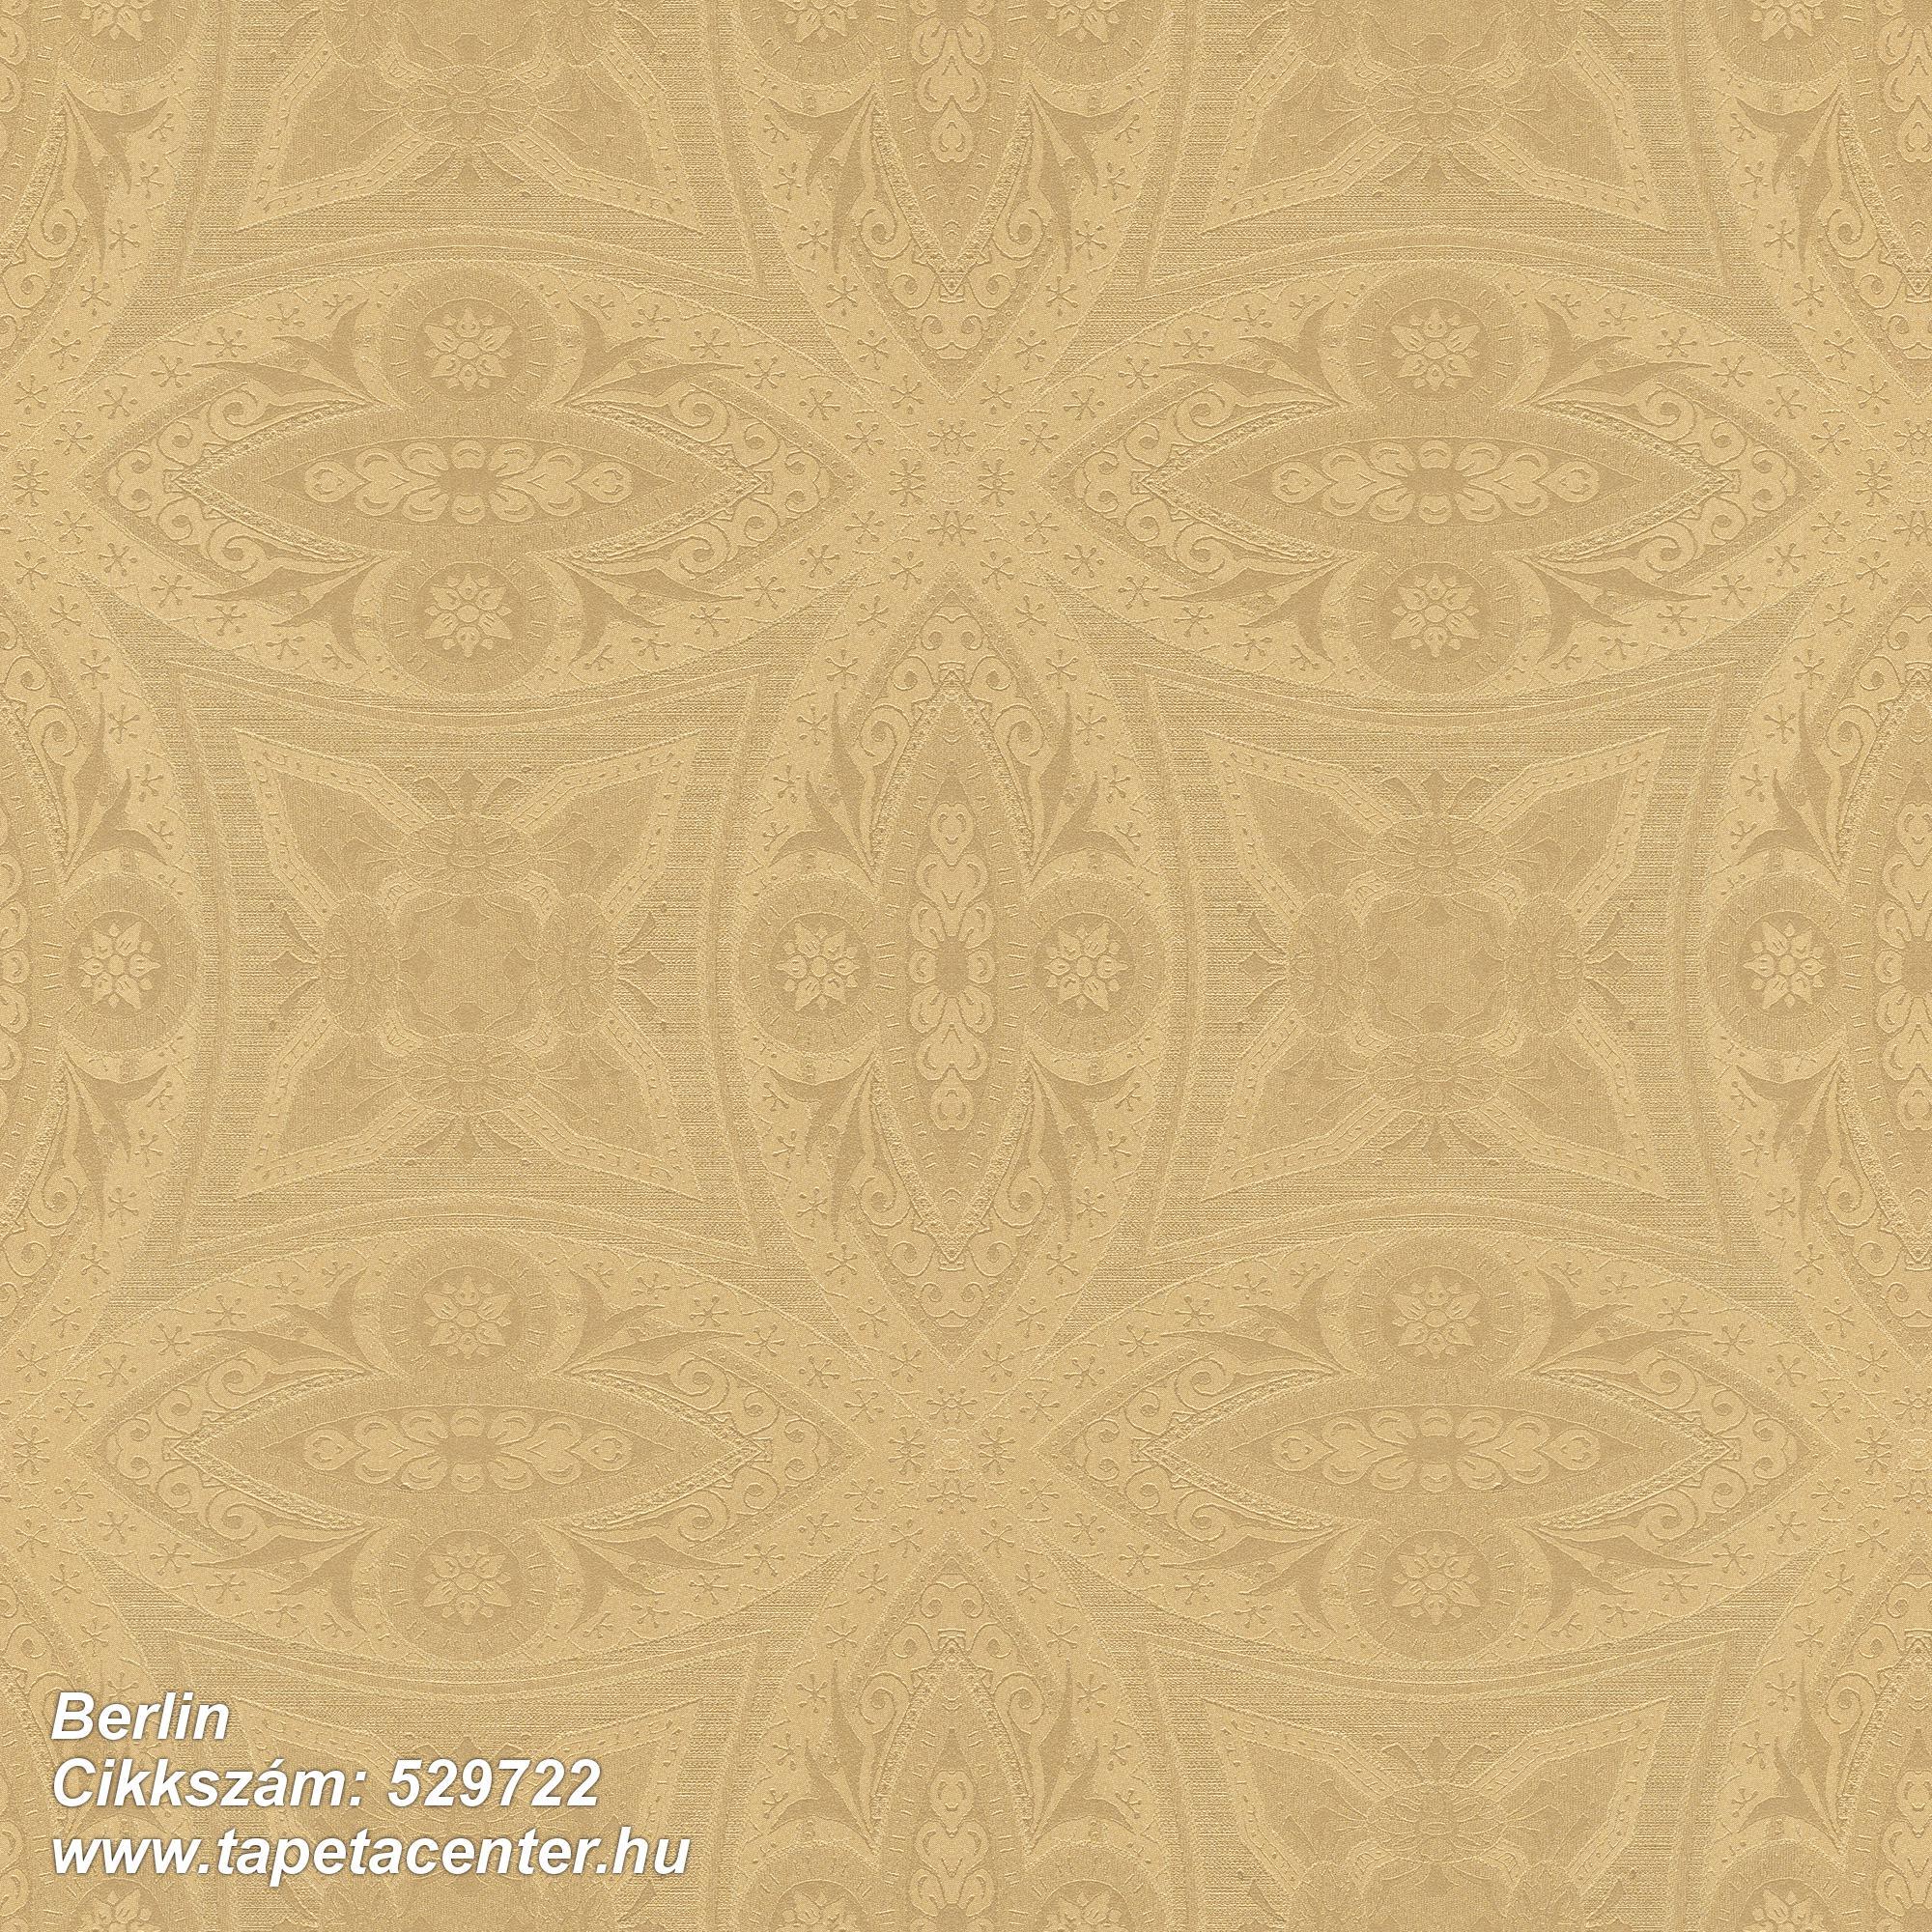 Marokkói ,metál-fényes,arany,lemosható,vlies tapéta